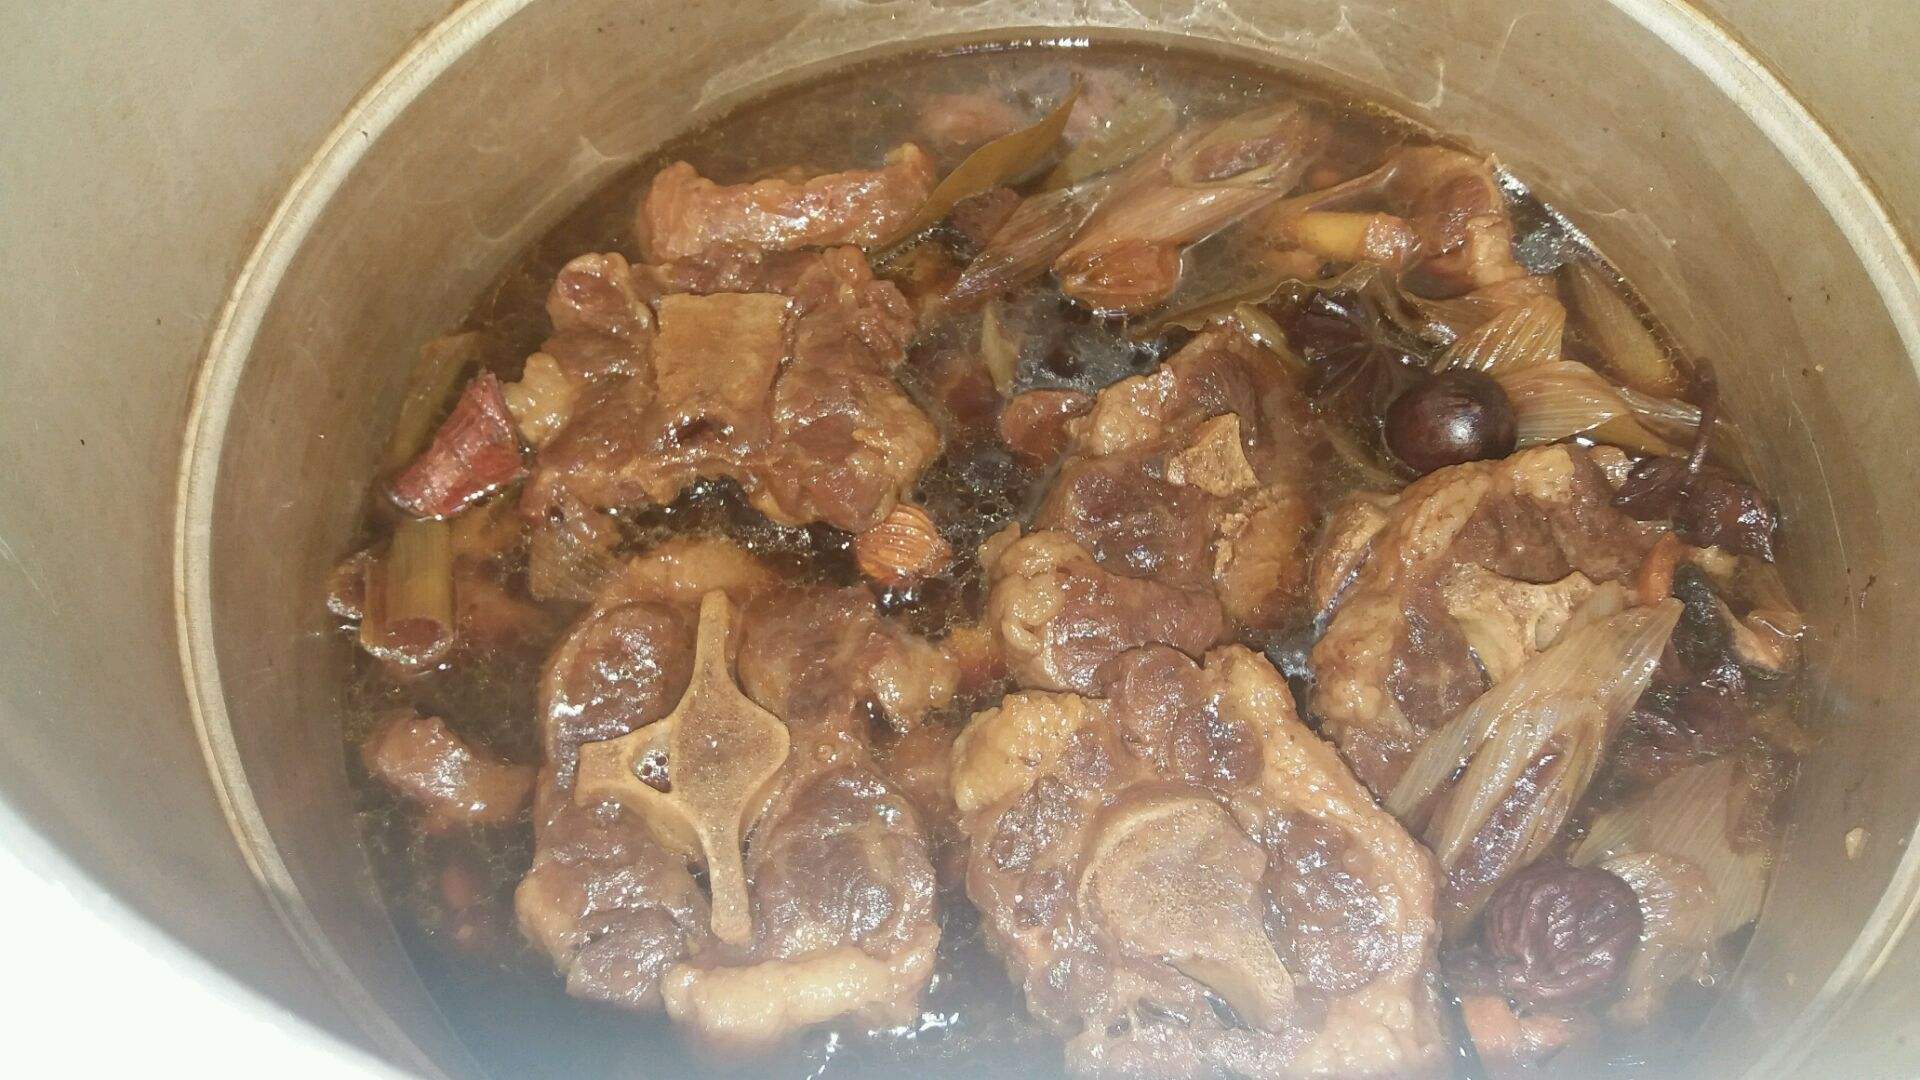 红烧美食的菜谱_做法_豆果易学谱大全家常菜牛尾营养简单图片